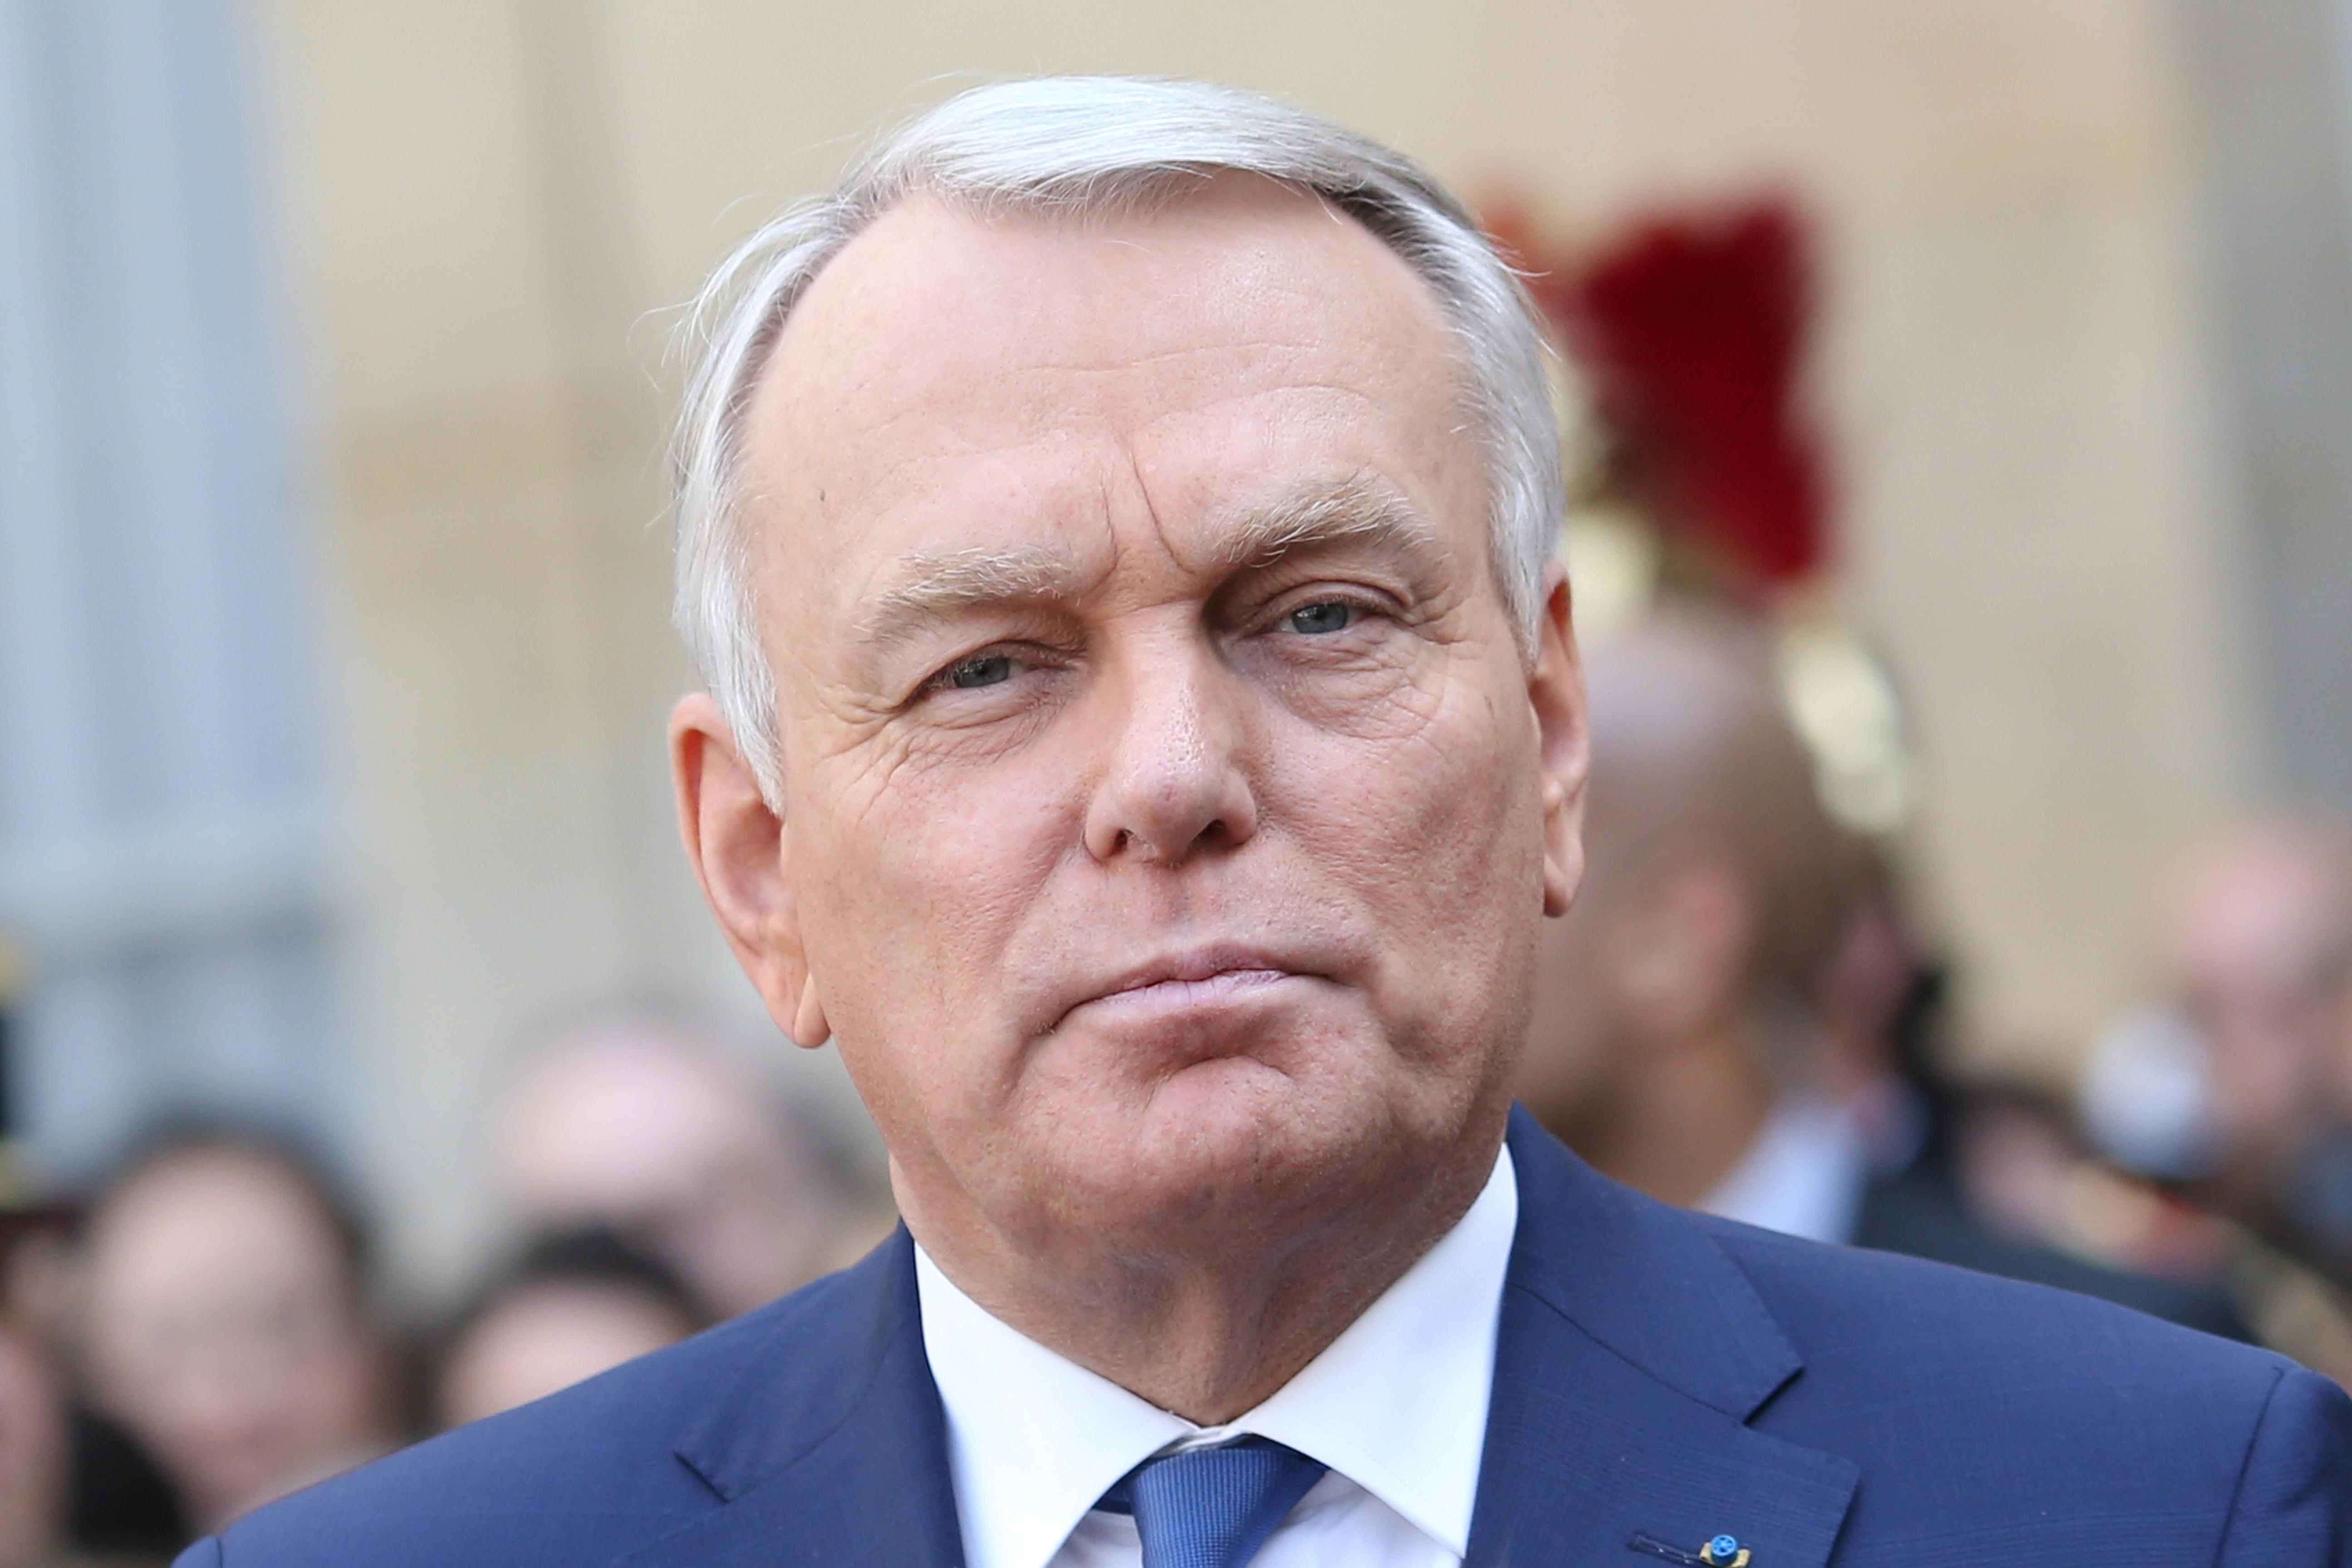 Le ministre français des AE, Jean-Marc Ayrault. D. R.